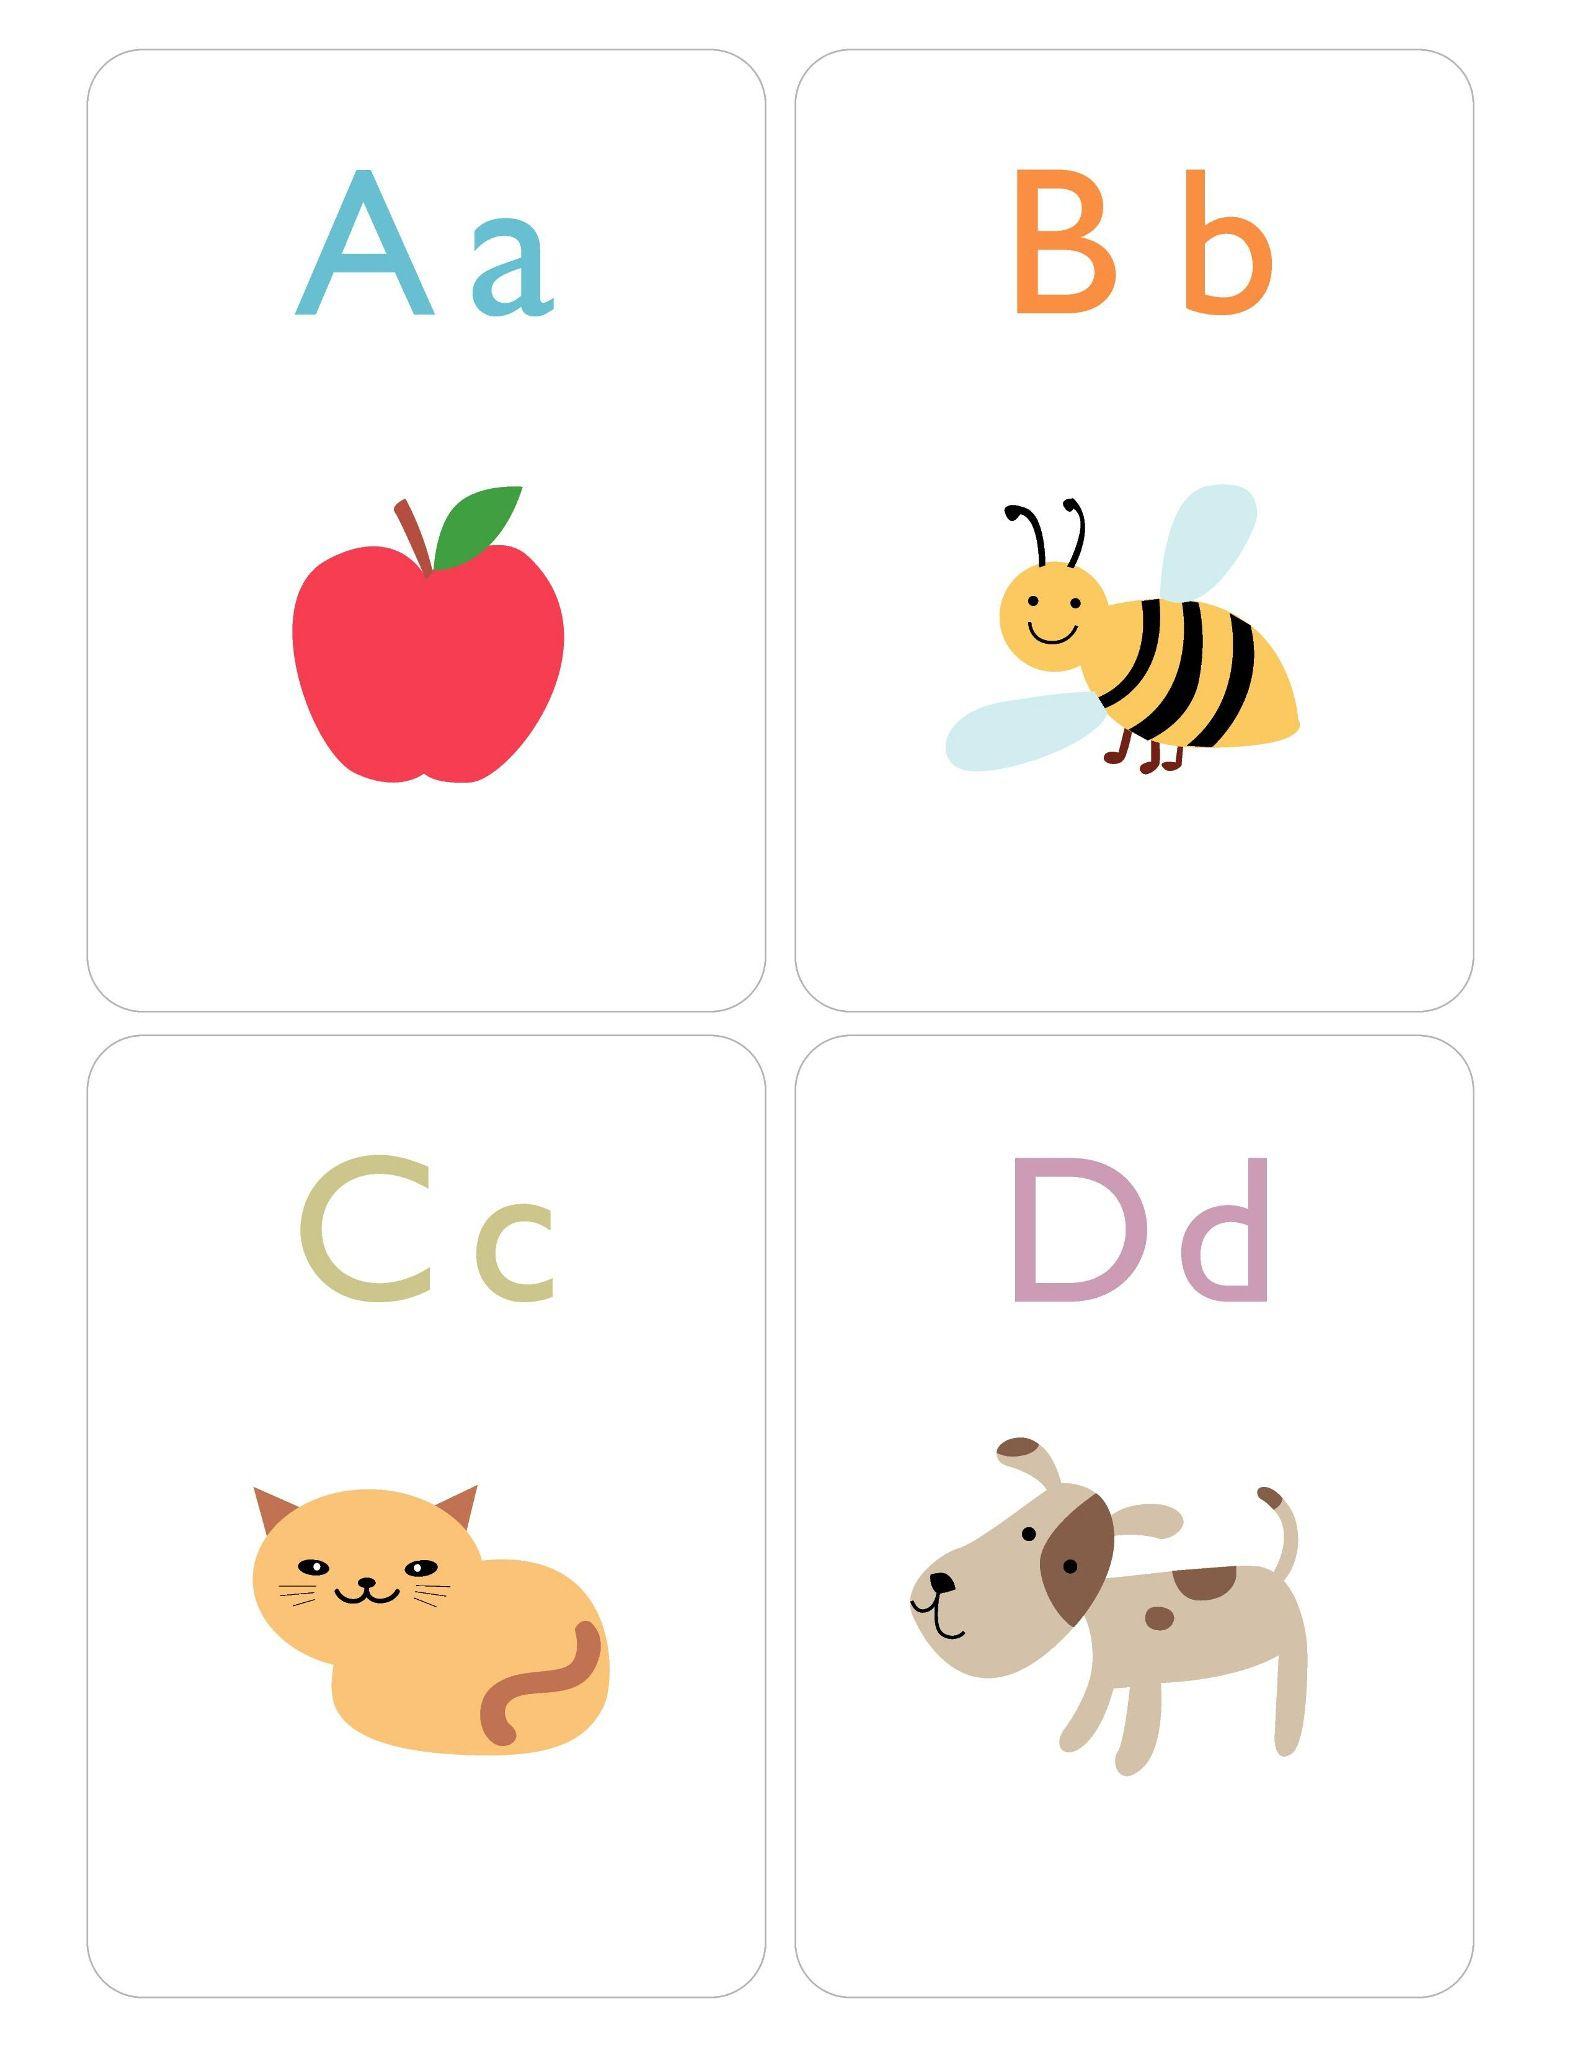 Английский алфавит для детей карточки с картинками